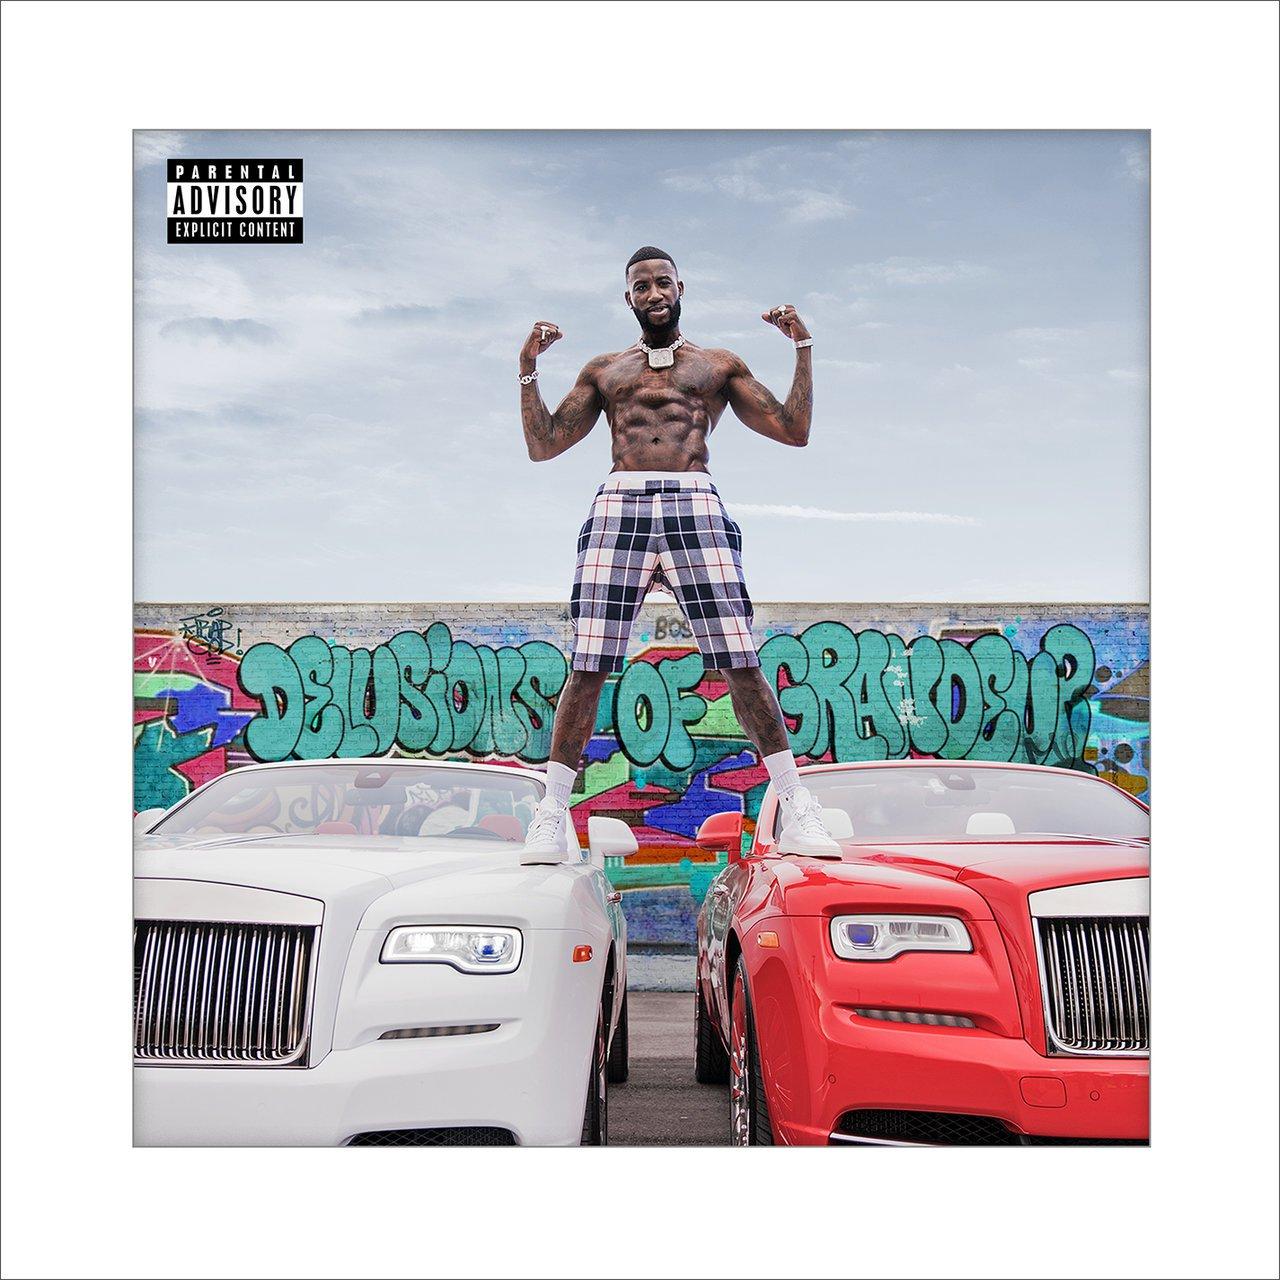 Gucci Mane – Delusions of Grandeur [Album]